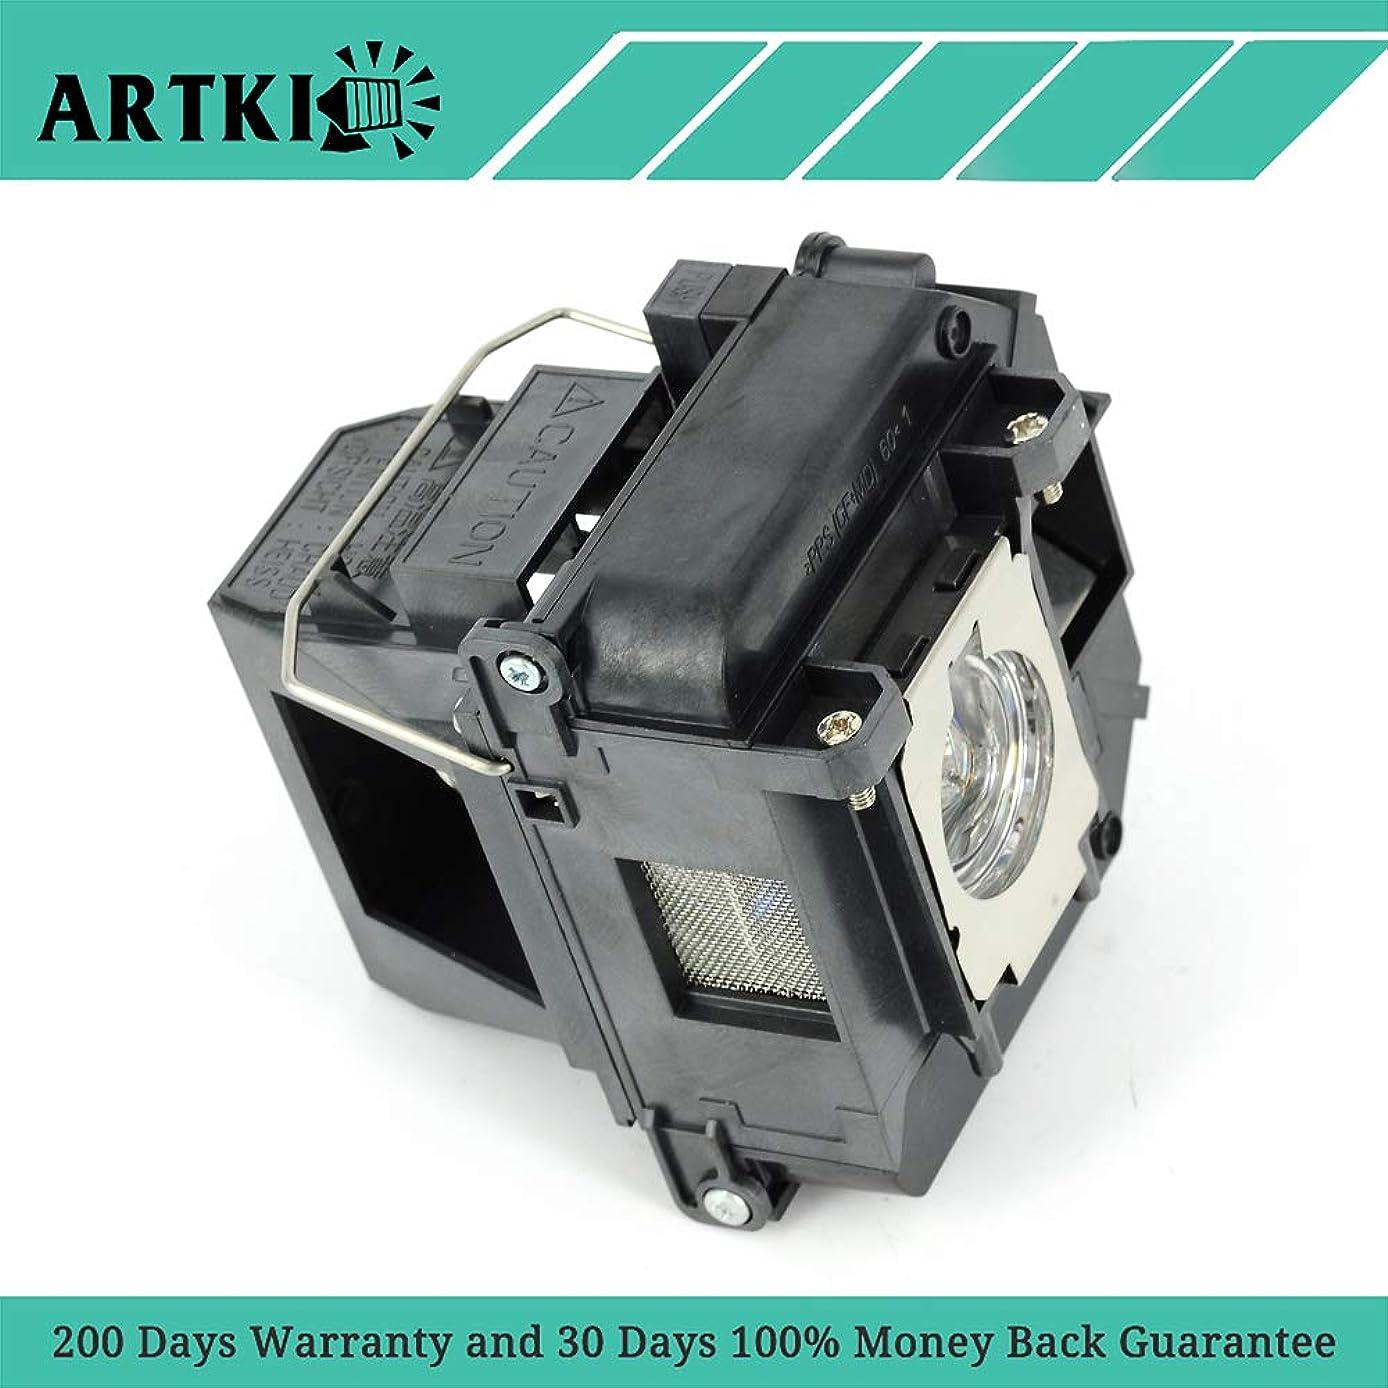 ログワックスカーフfor EPSON ELPLP60 プロジェクター交換用ランプ エプソン EPSON BrightLink 425Wi 430i 435Wi EB-900 汎用(by Artki)